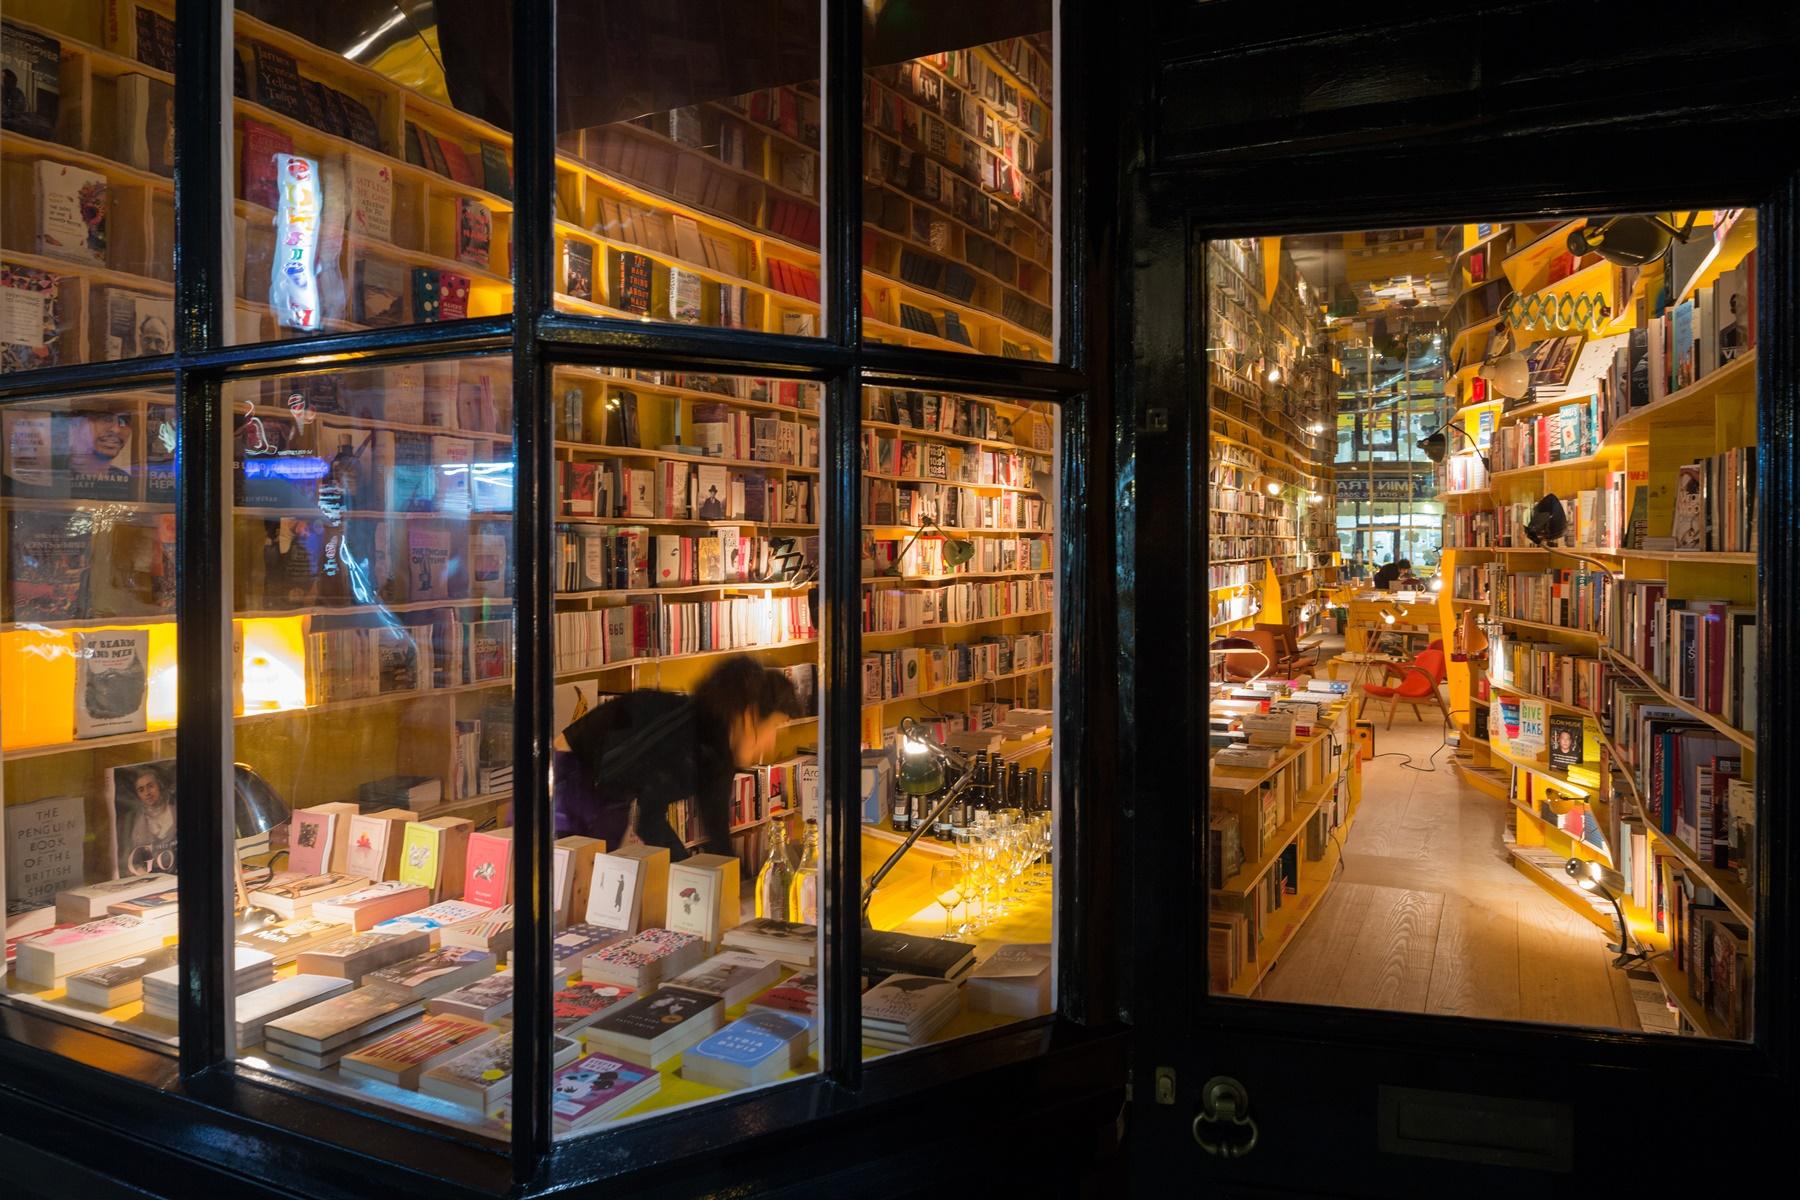 Libreria Bookshop 02